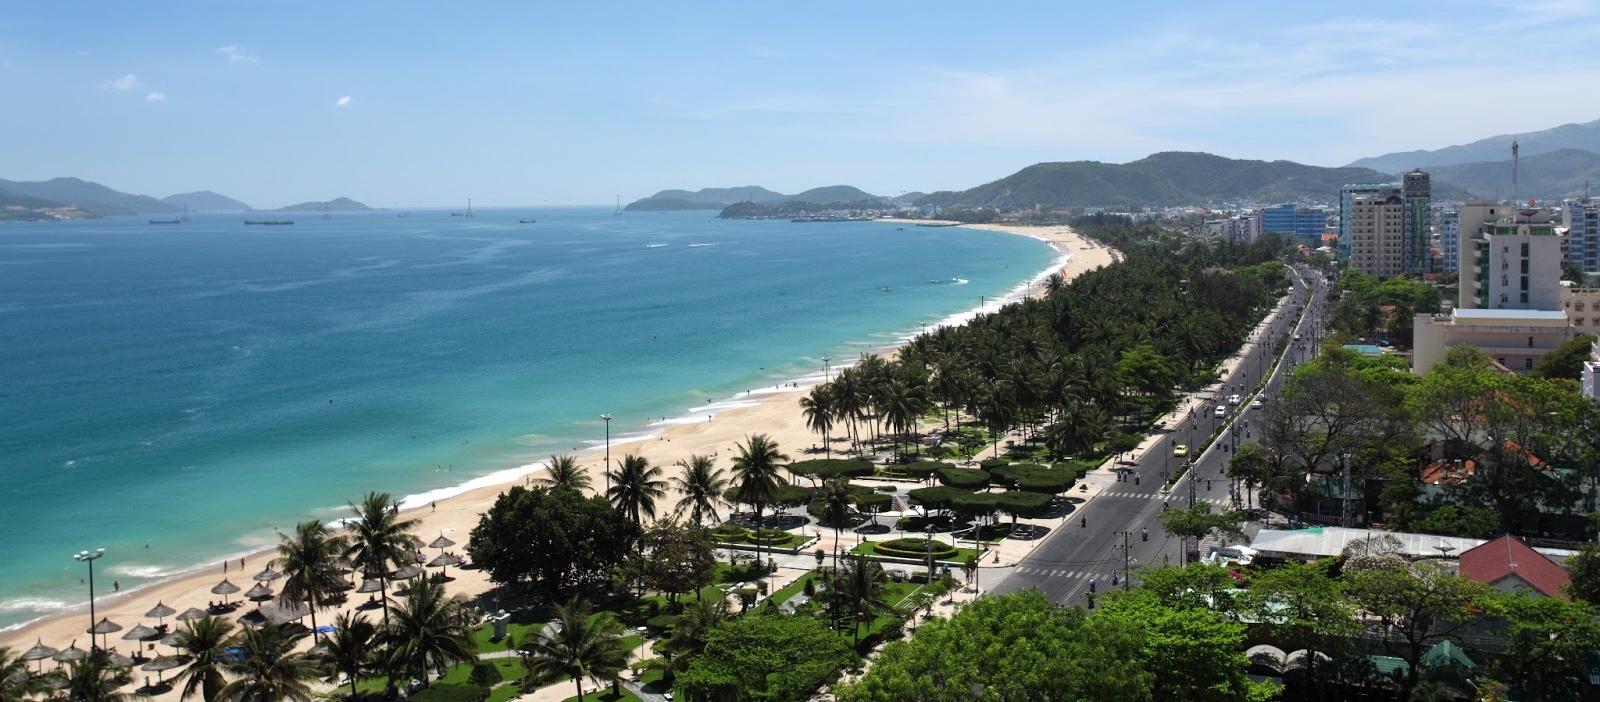 Bán nhớt Liqui Moly giá rẻ tại Nha Trang